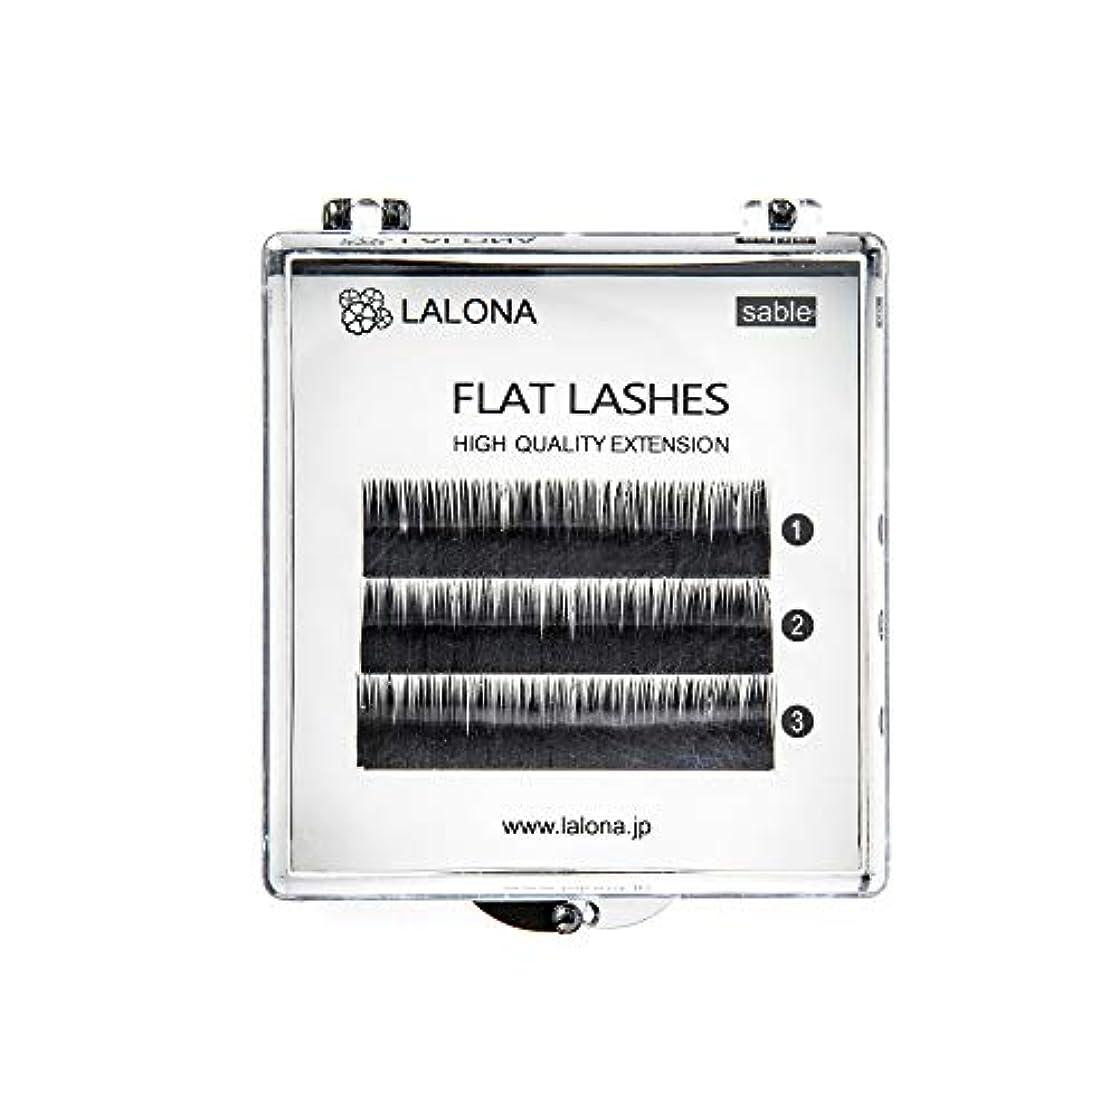 エッセイ開拓者不正直LALONA [ ラローナ ] フラットラッシュ (BLK) (3列) まつげエクステ 平面加工 Lディテール ブラック (Cカール 0.1 / 9mm)